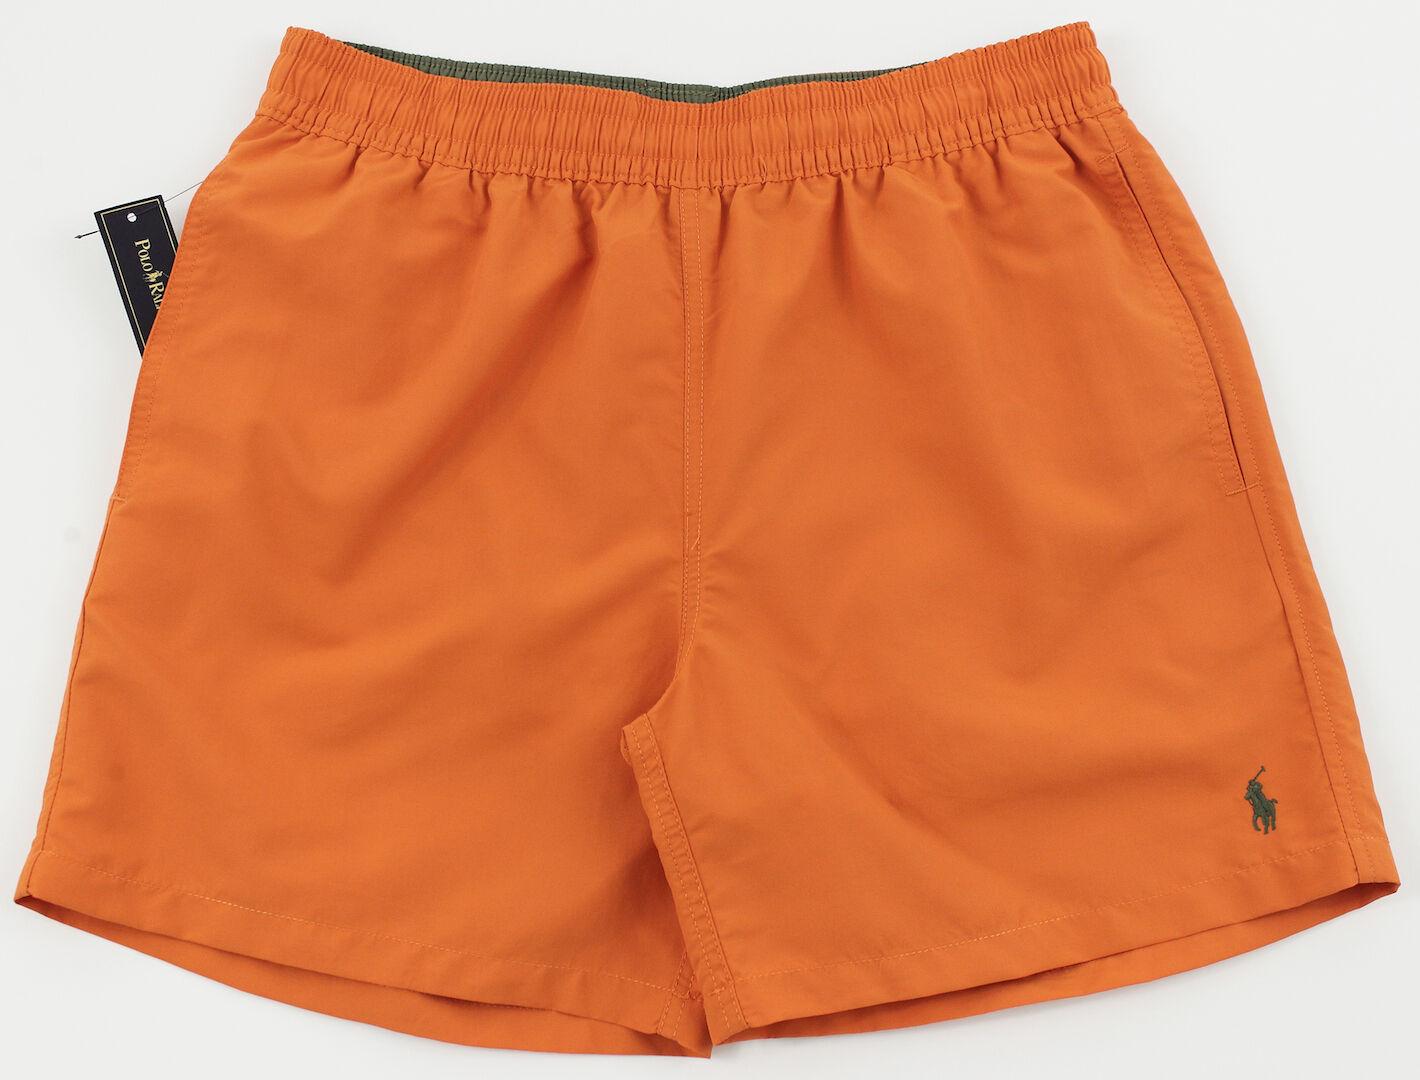 Men's POLO RALPH LAUREN orange Swimsuit Trunks M Medium NWT NEW 4106173 Nice